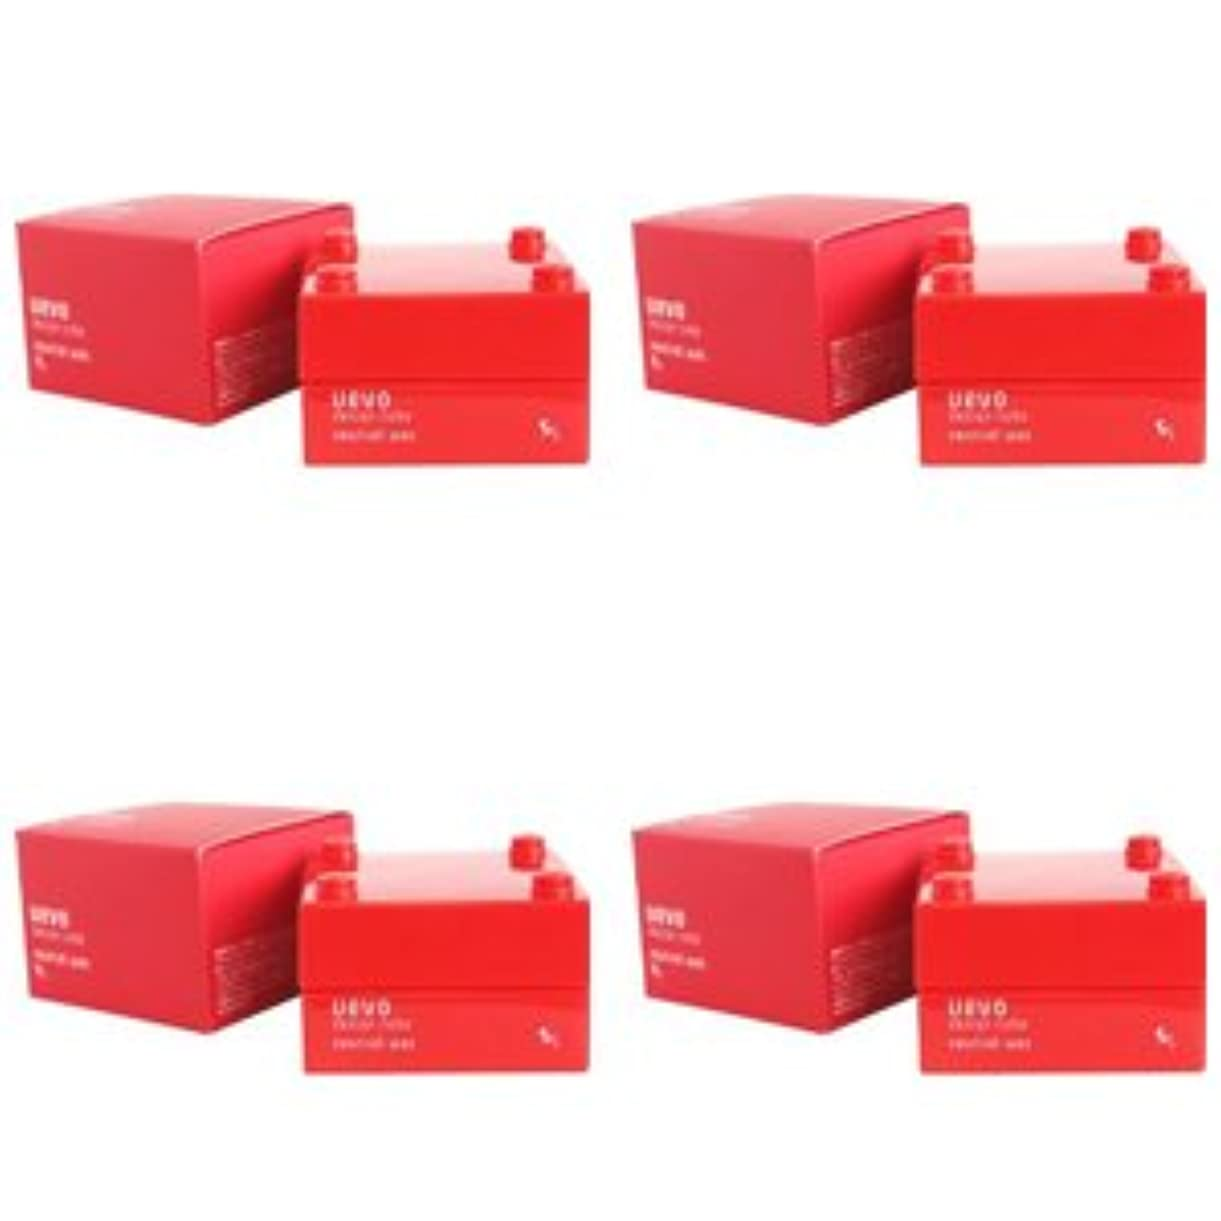 支出童謡裏切る【X4個セット】 デミ ウェーボ デザインキューブ ニュートラルワックス 30g neutral wax DEMI uevo design cube